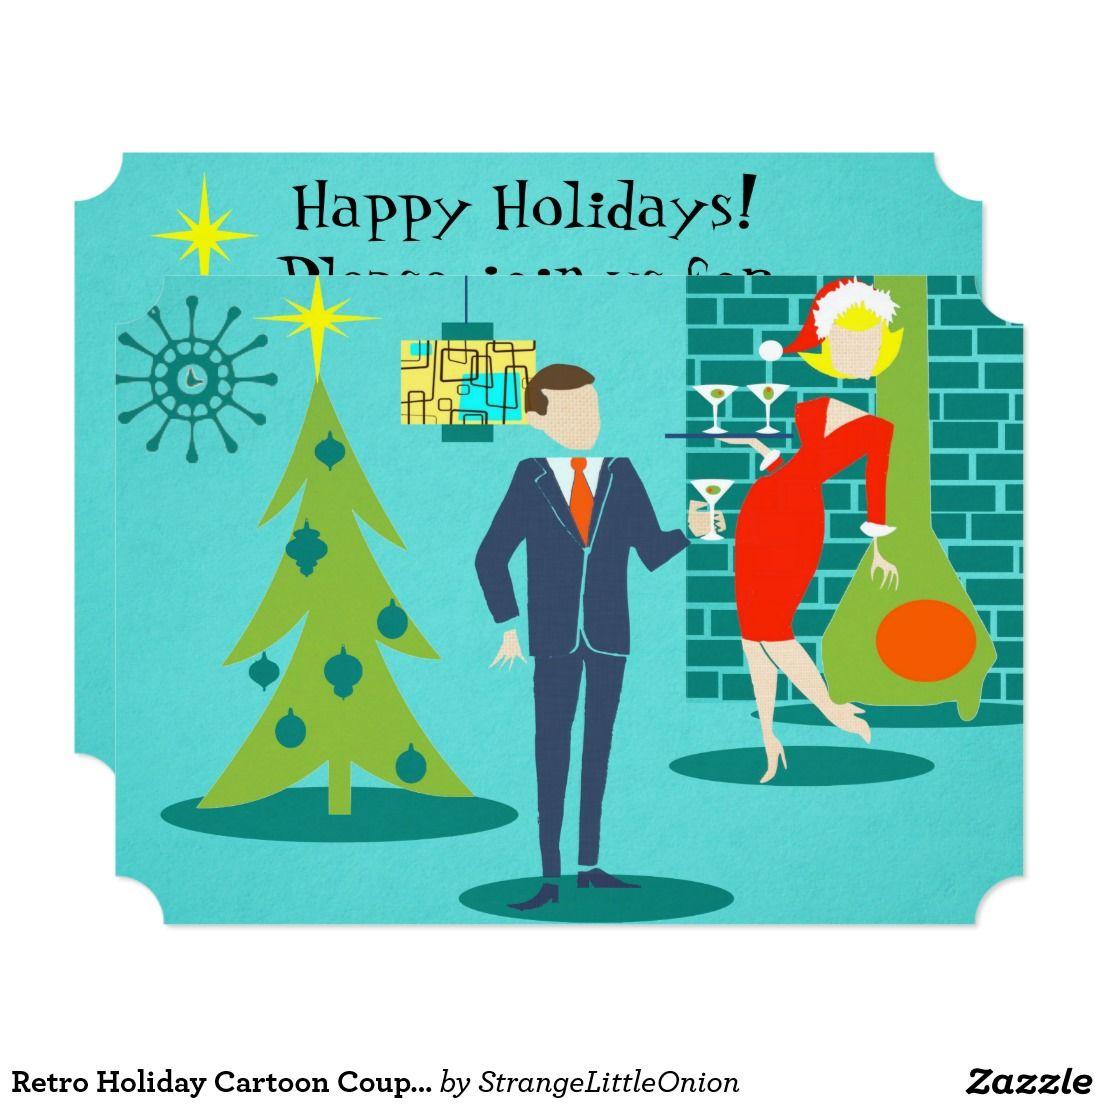 Retro Holiday Cartoon Couple Party Invitations | Party invitations ...